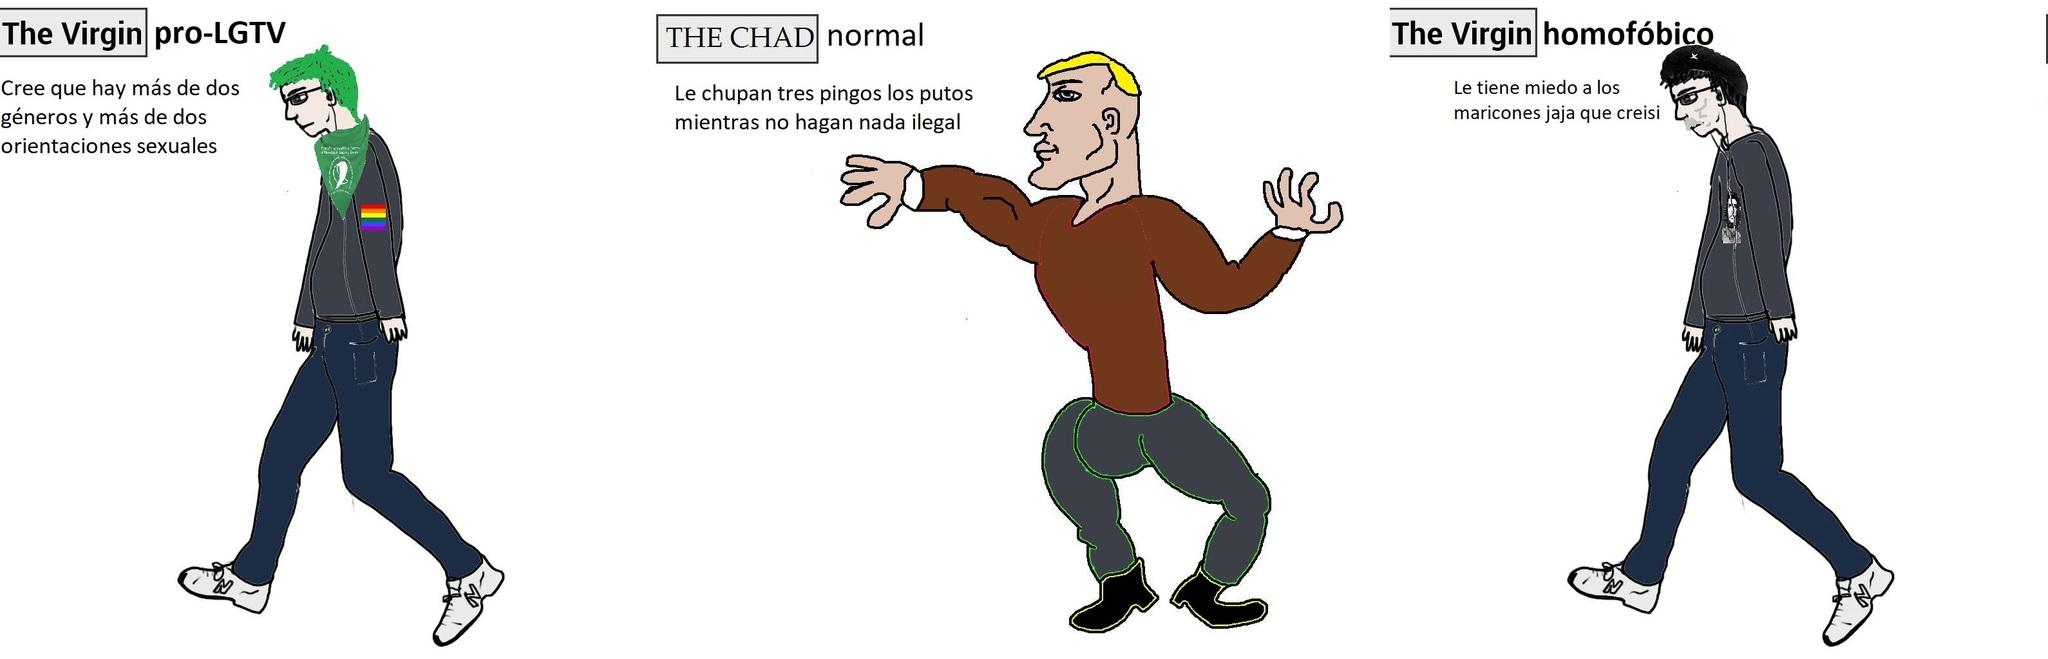 Vivan los normales. - meme